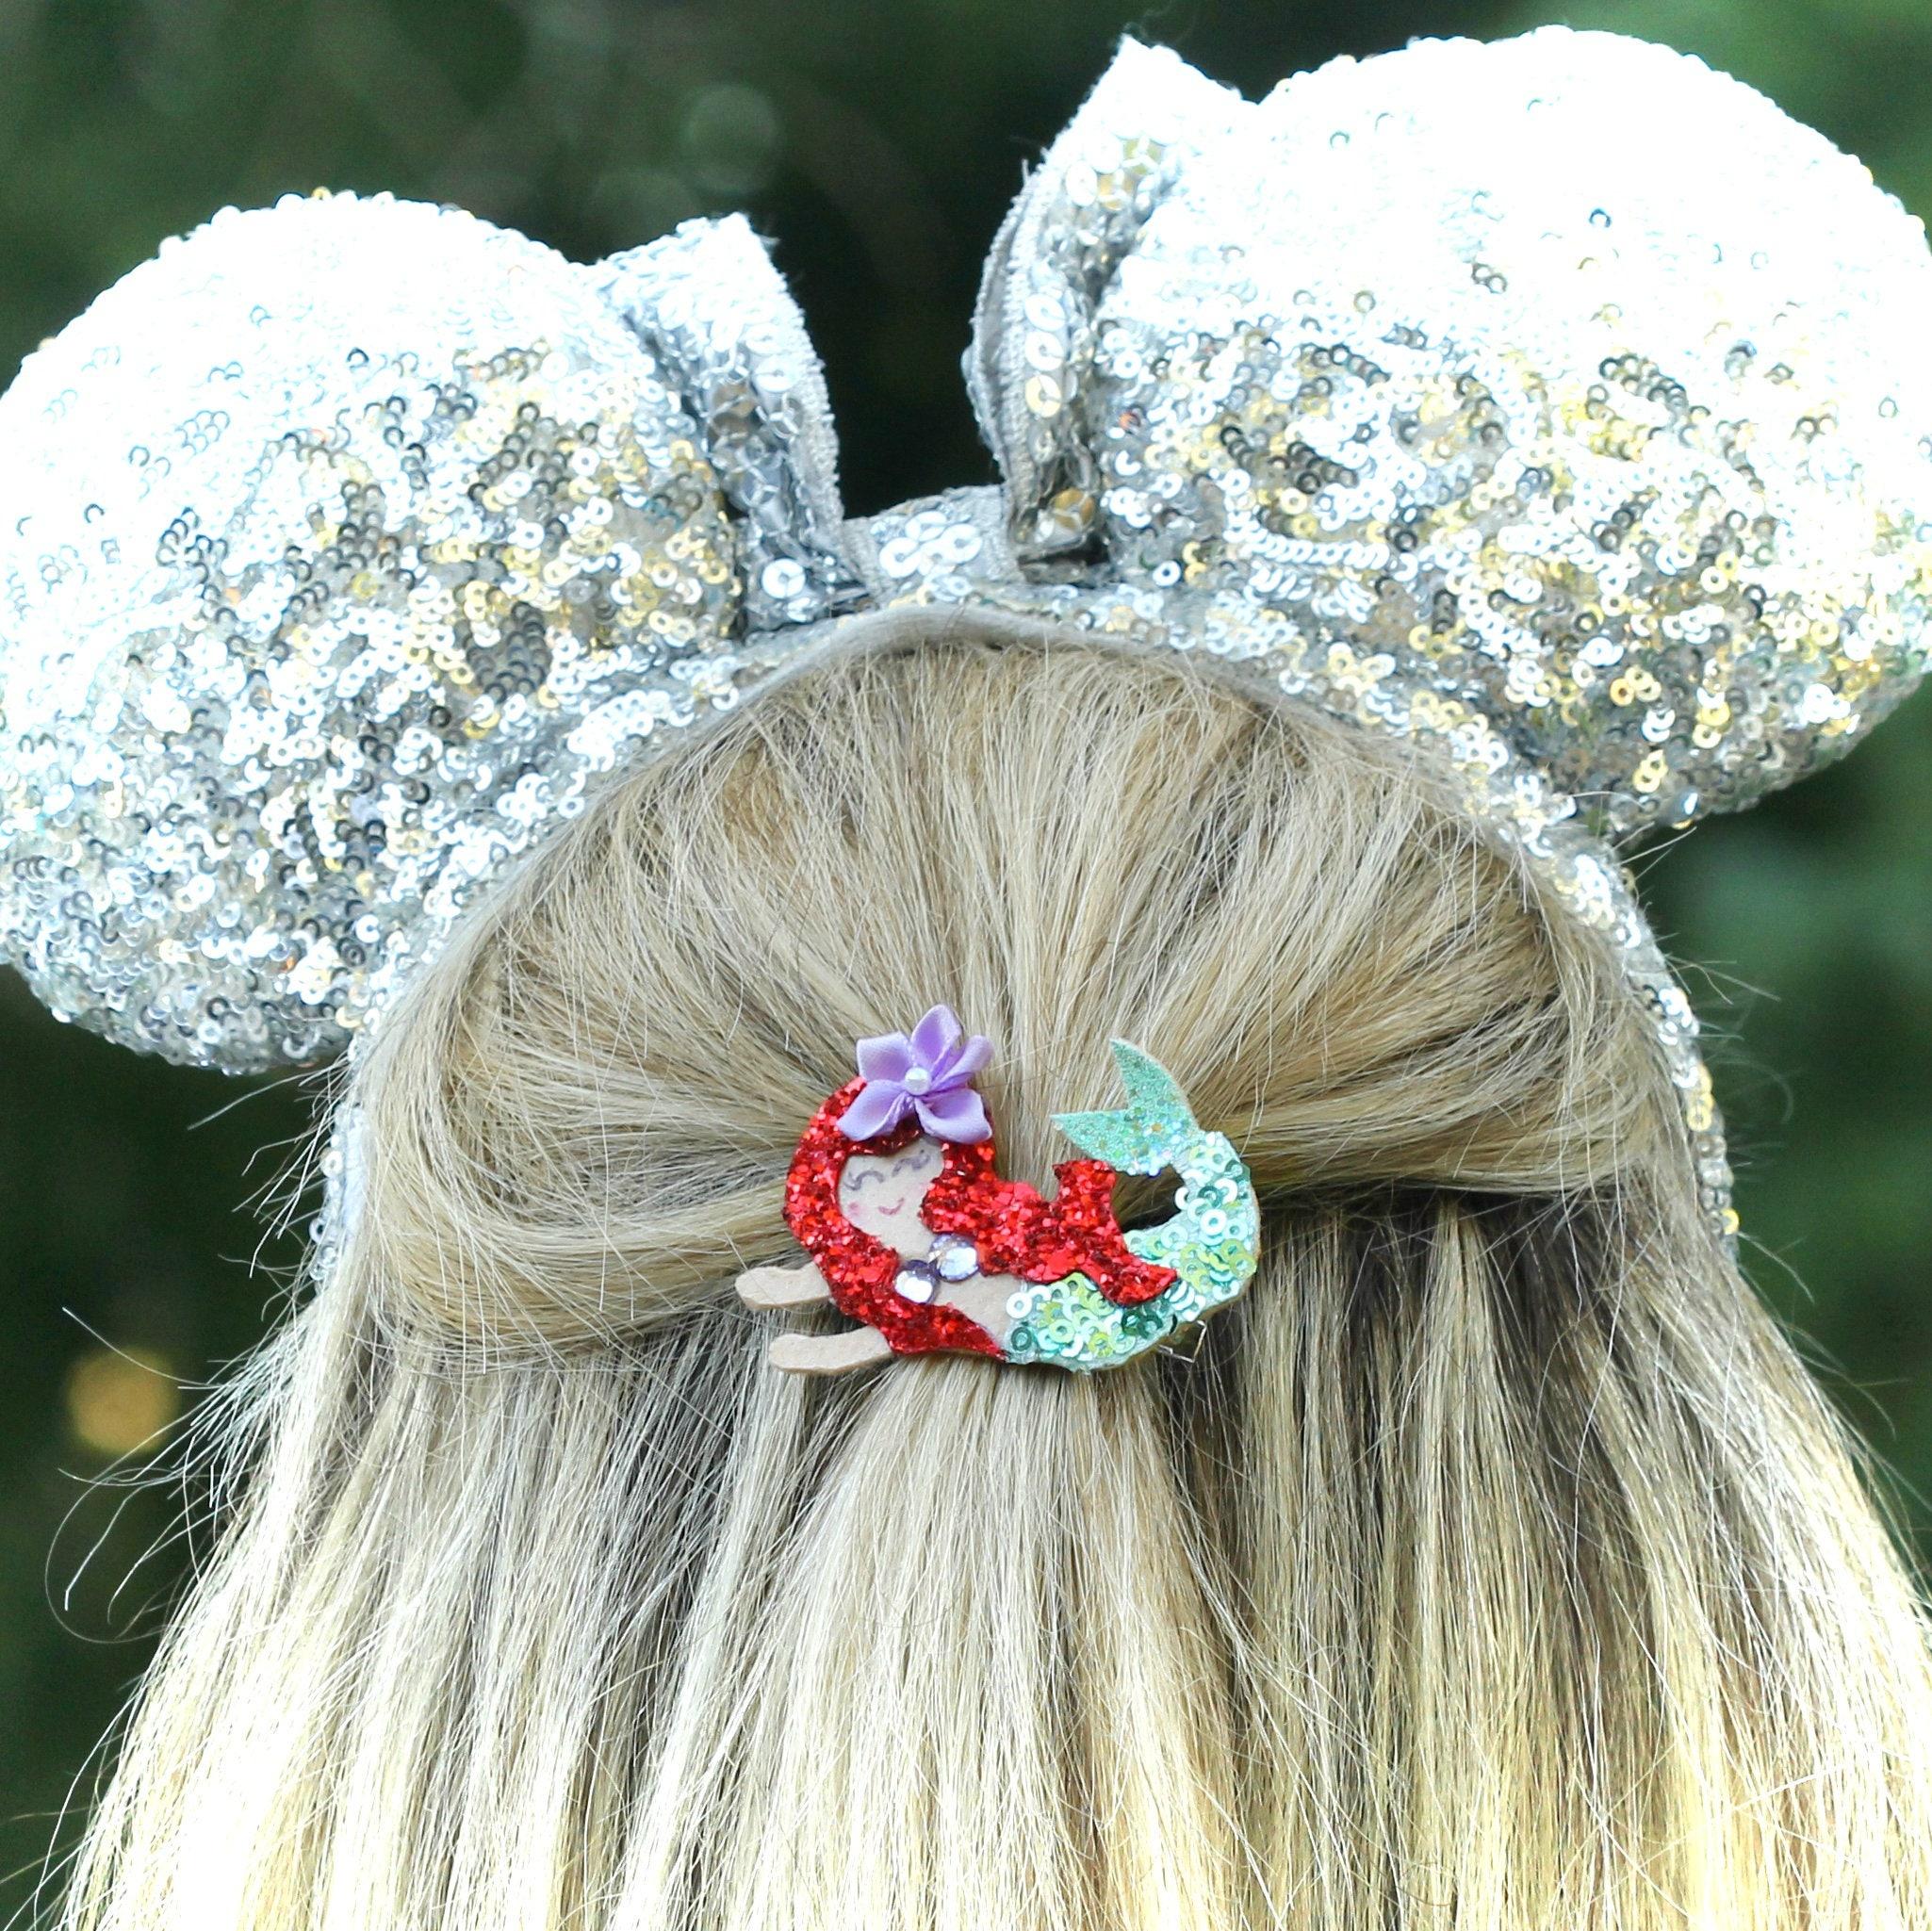 Image gallery mermaid hair - Gallery Photo Gallery Photo Gallery Photo